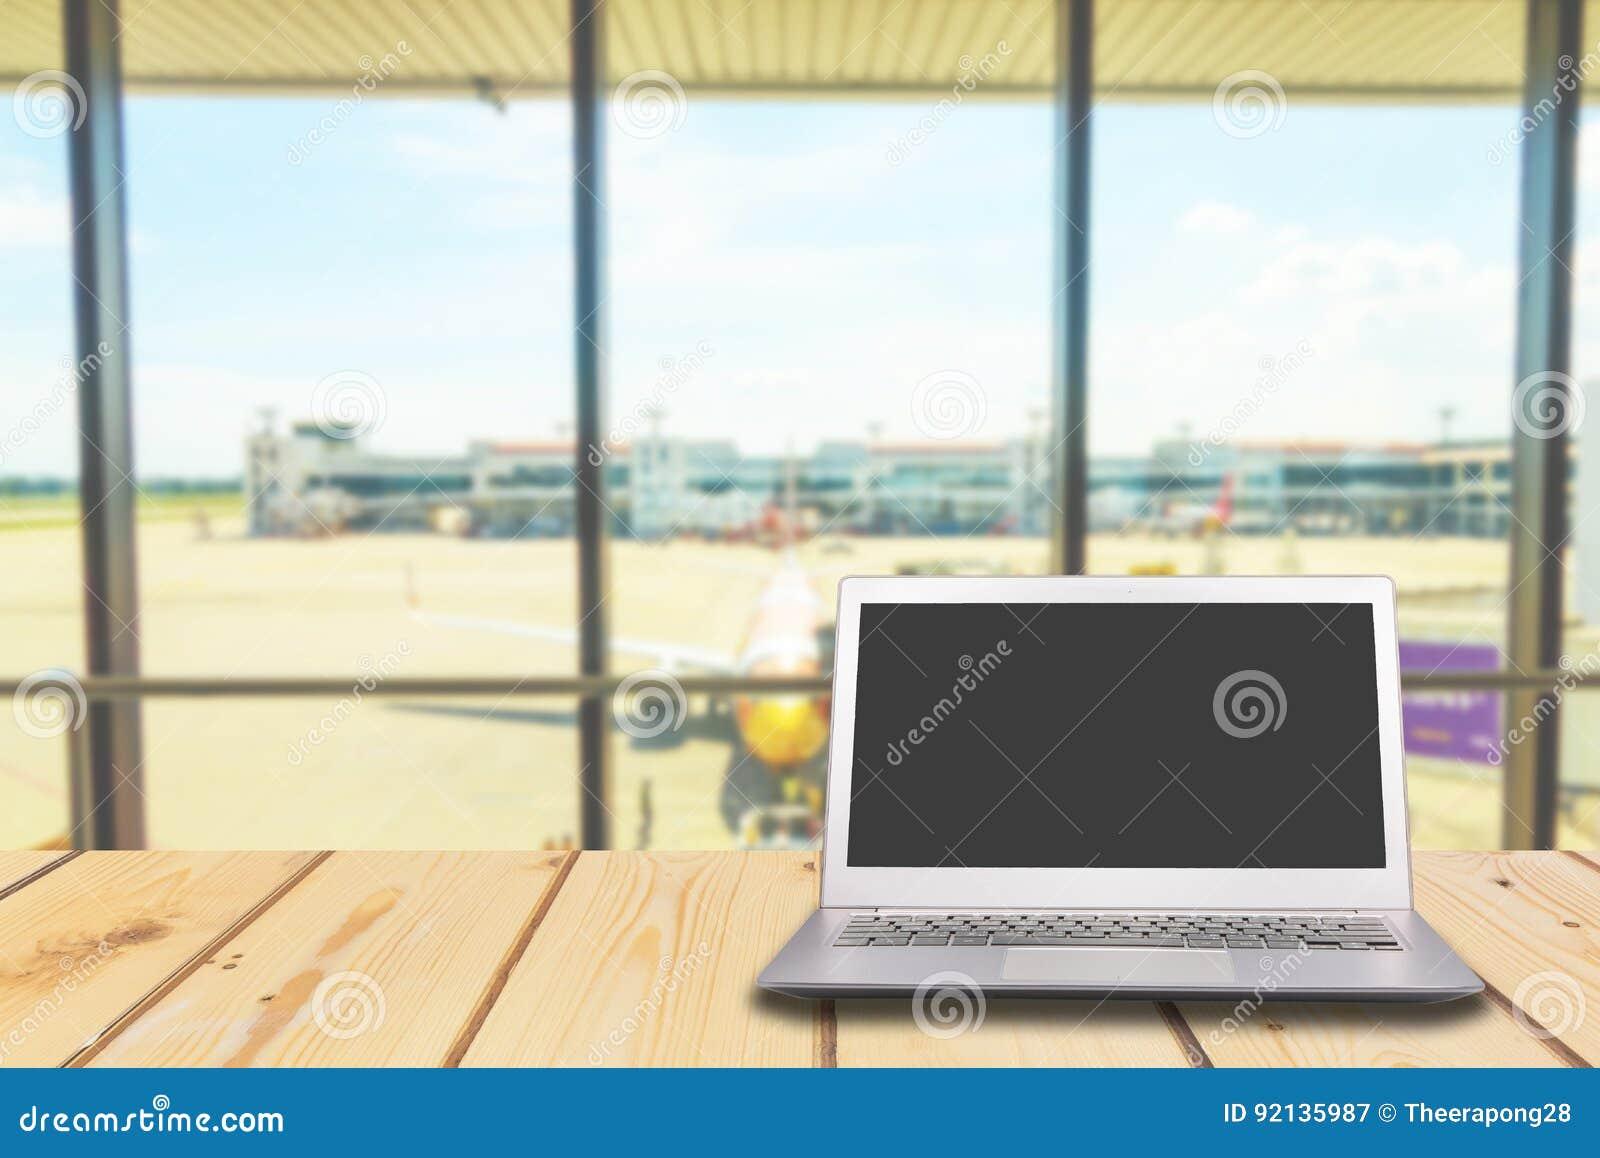 有黑屏的膝上型计算机在与机场的木桌上门ba的